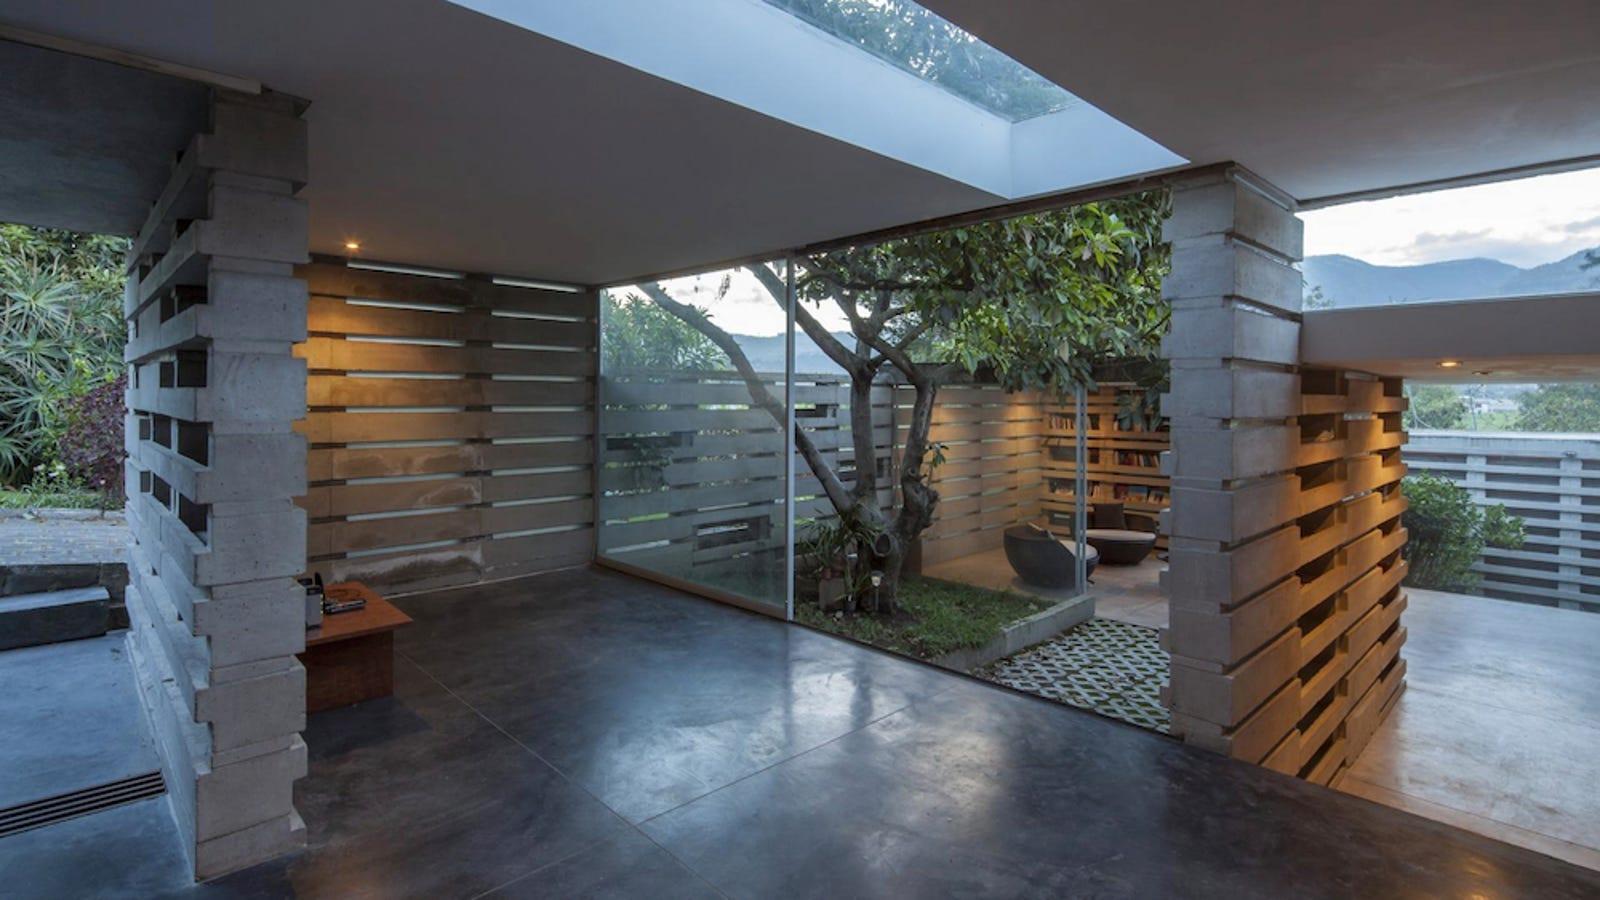 Cómo construir una casa de madera paso a paso (con sus ...